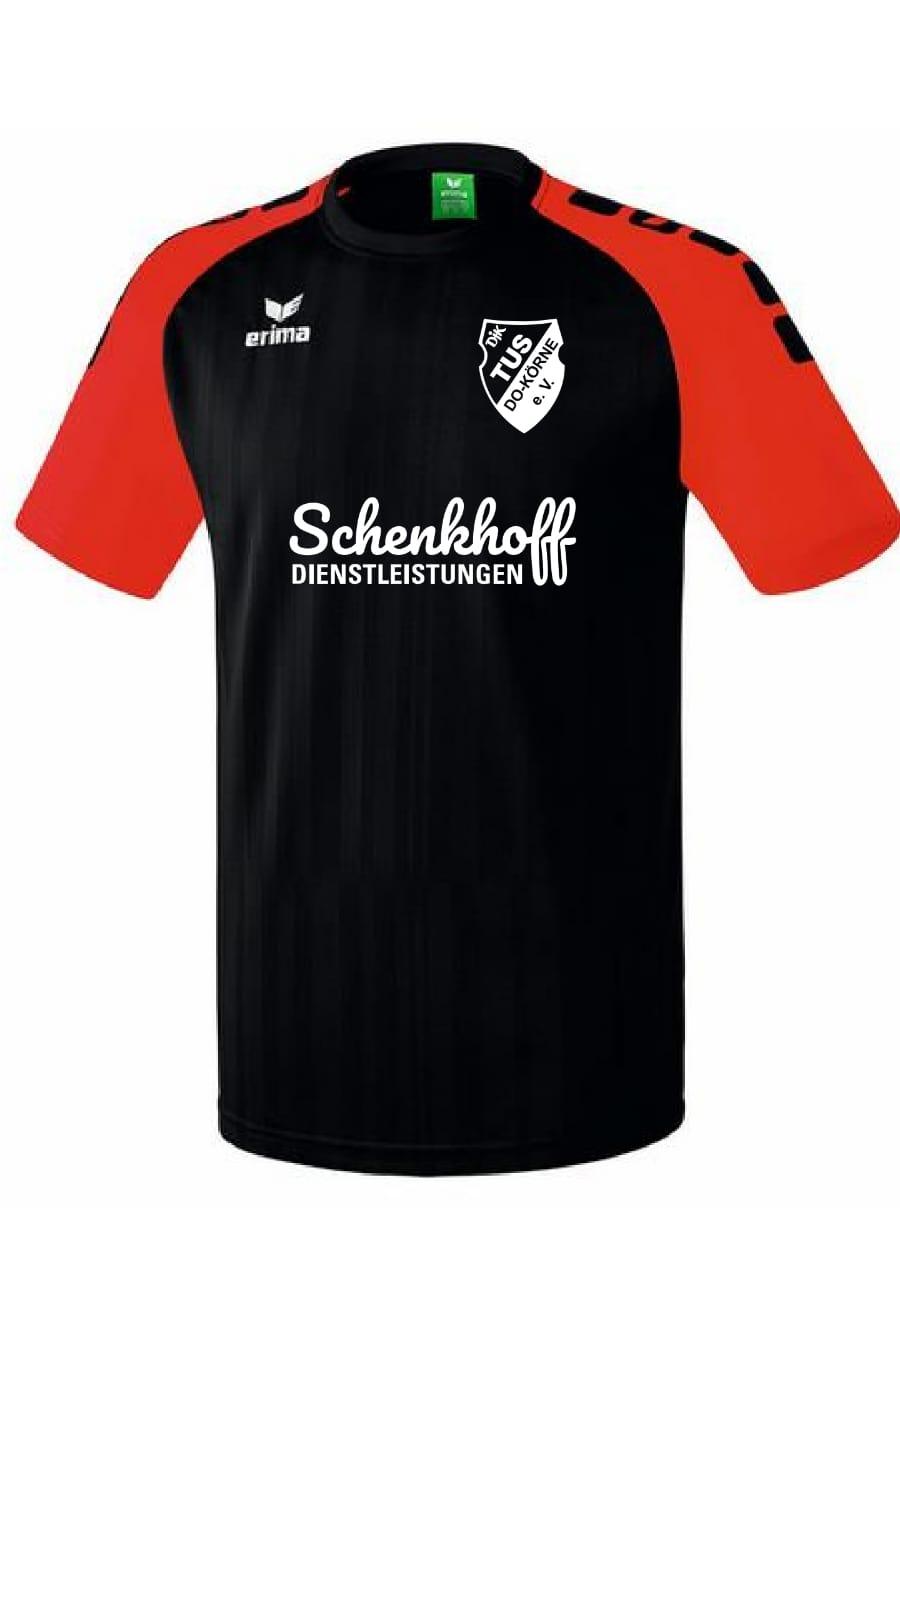 Schenkhoff-Dienstleistungen wünscht der Fußballjugend TUS Körne G2 viel Spaß mit den neuen Trikots